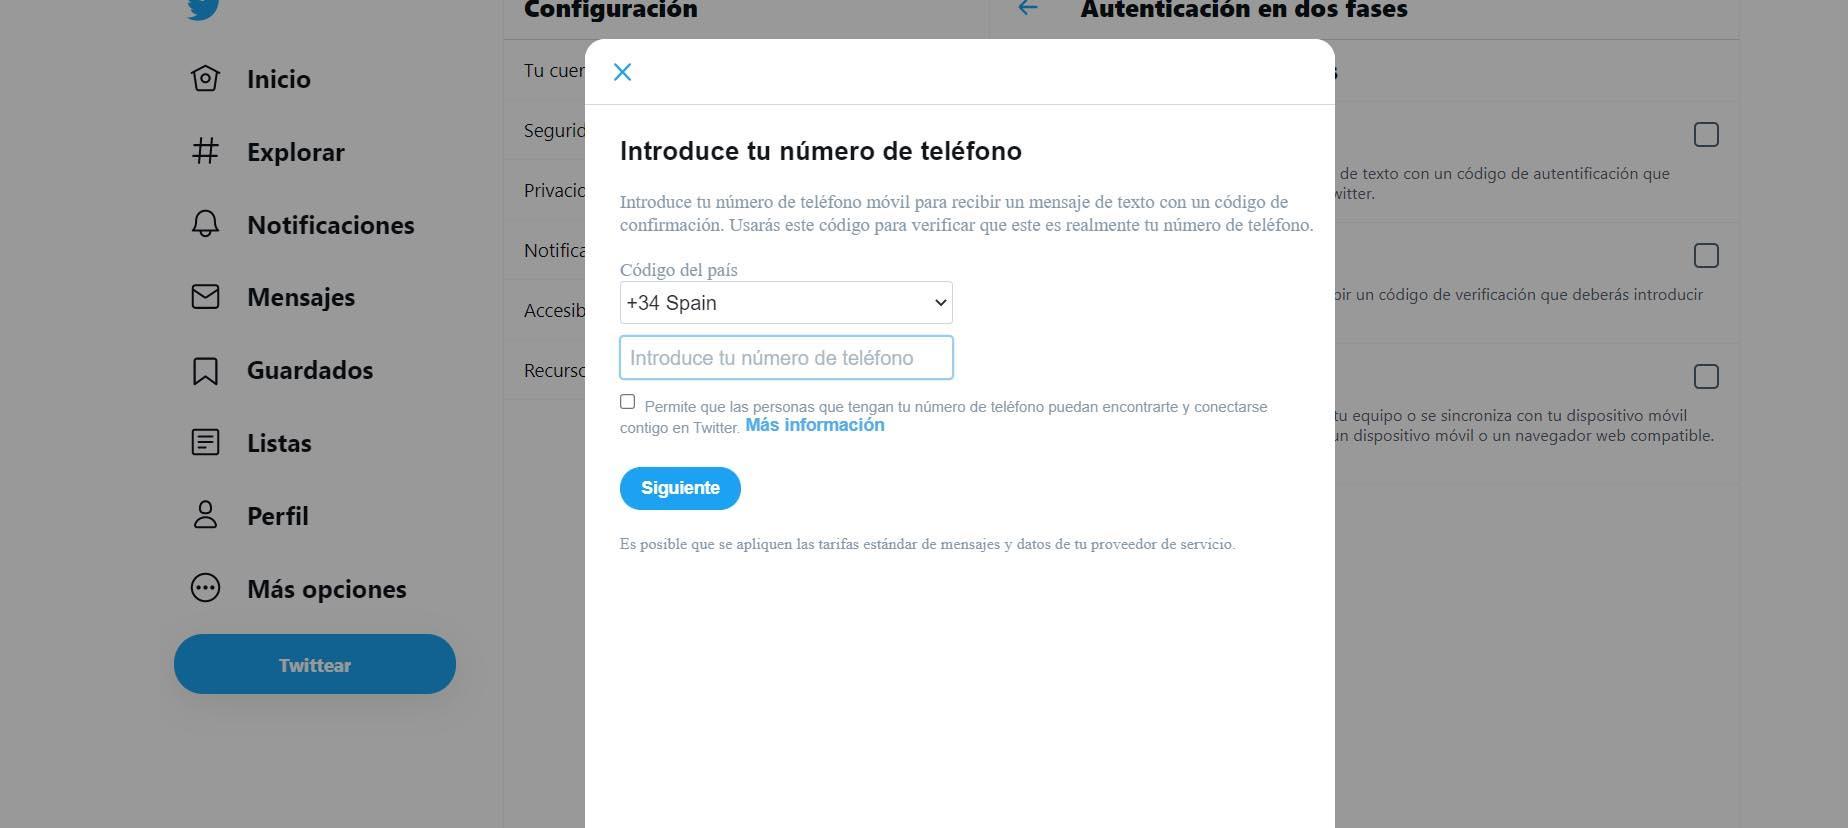 Poner el número de teléfono en Twitter